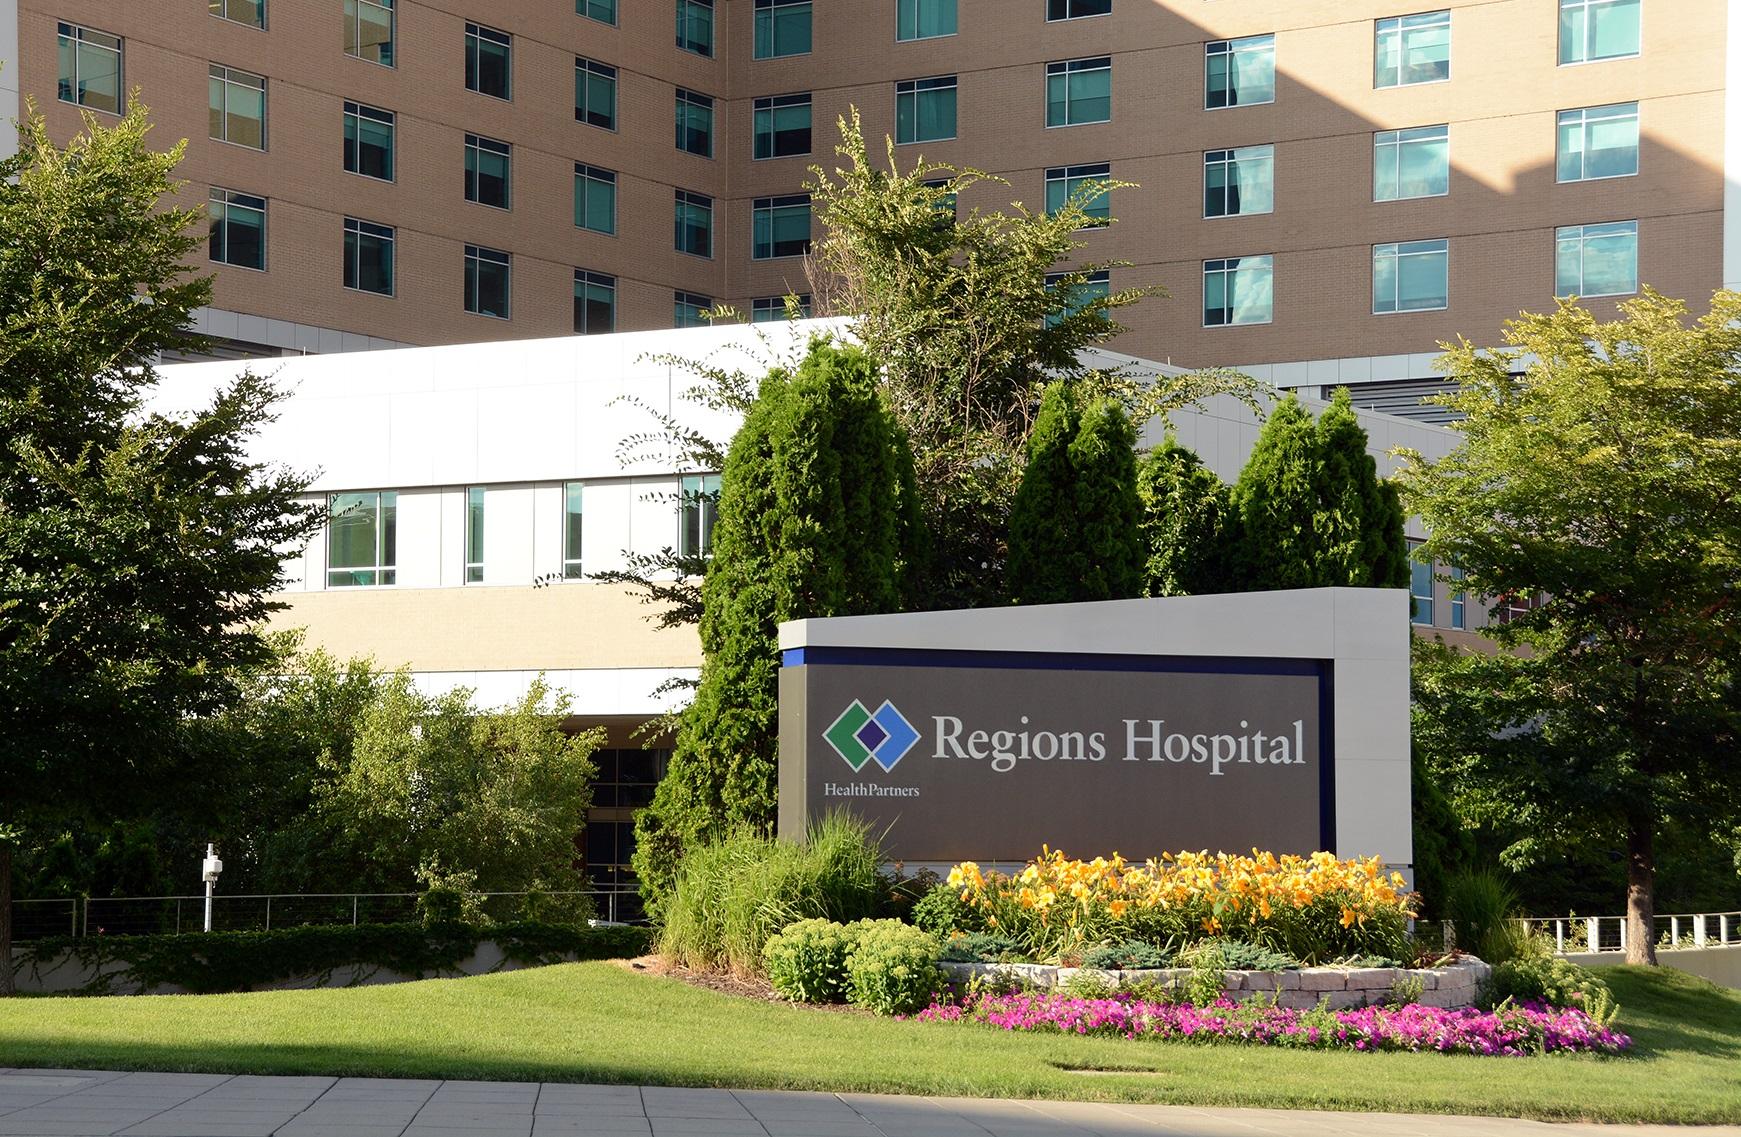 Regions Hospital, HealthPartners